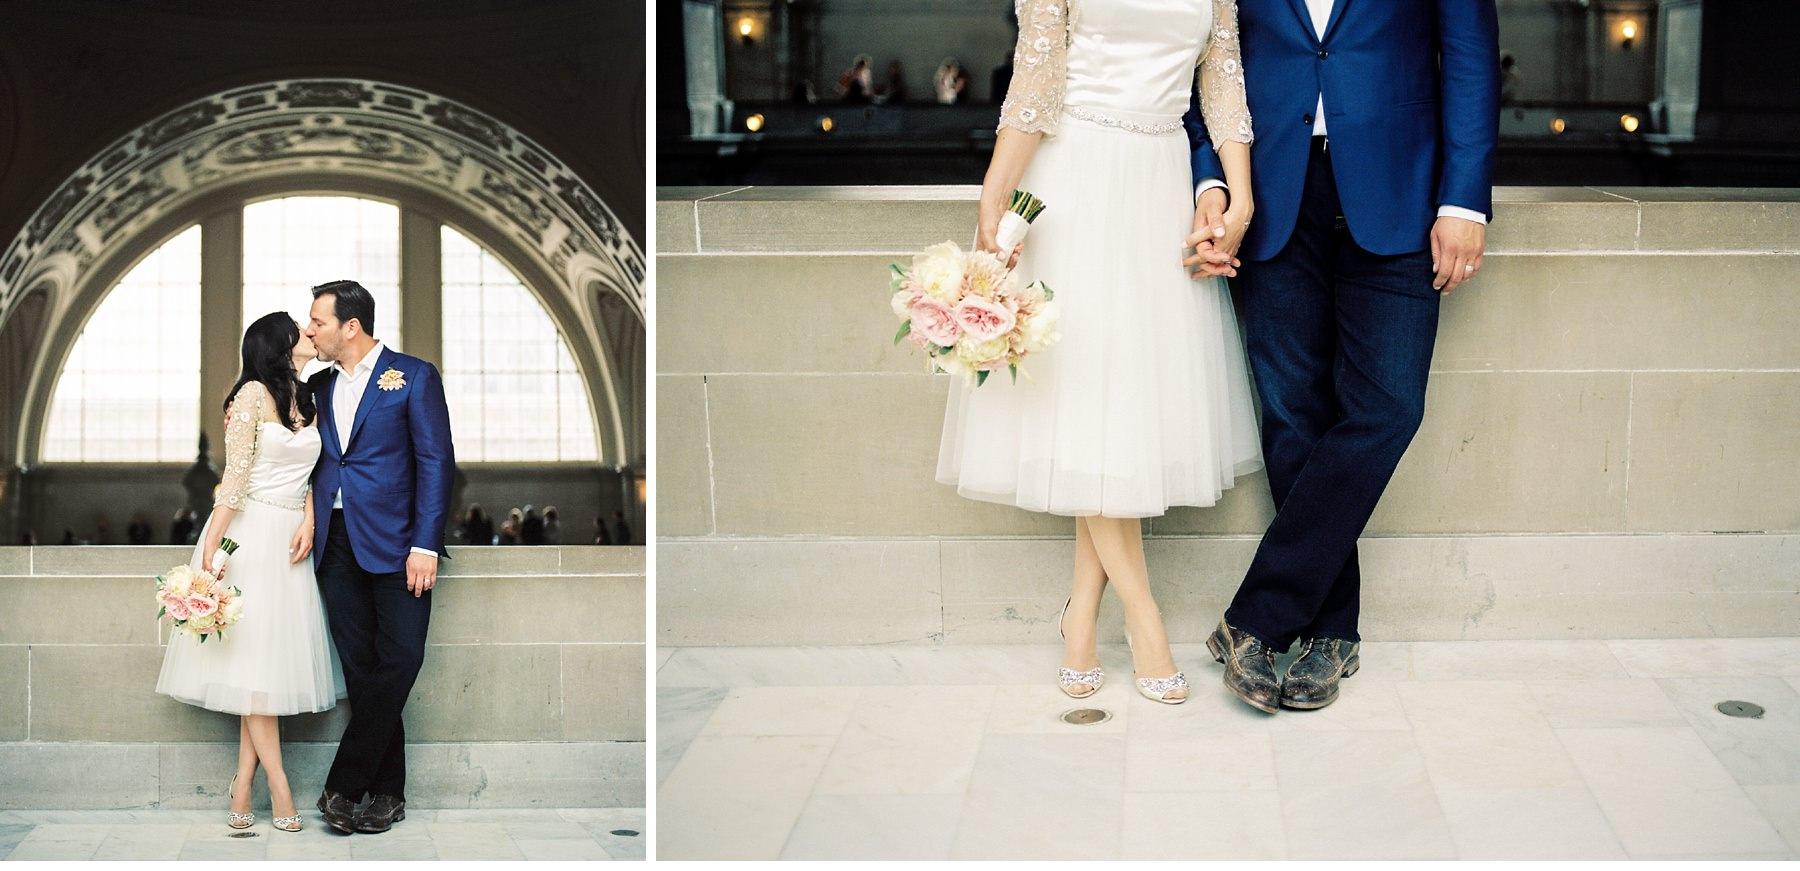 sf-city-hall-wedding-vantigo-tour-california_0004.jpg